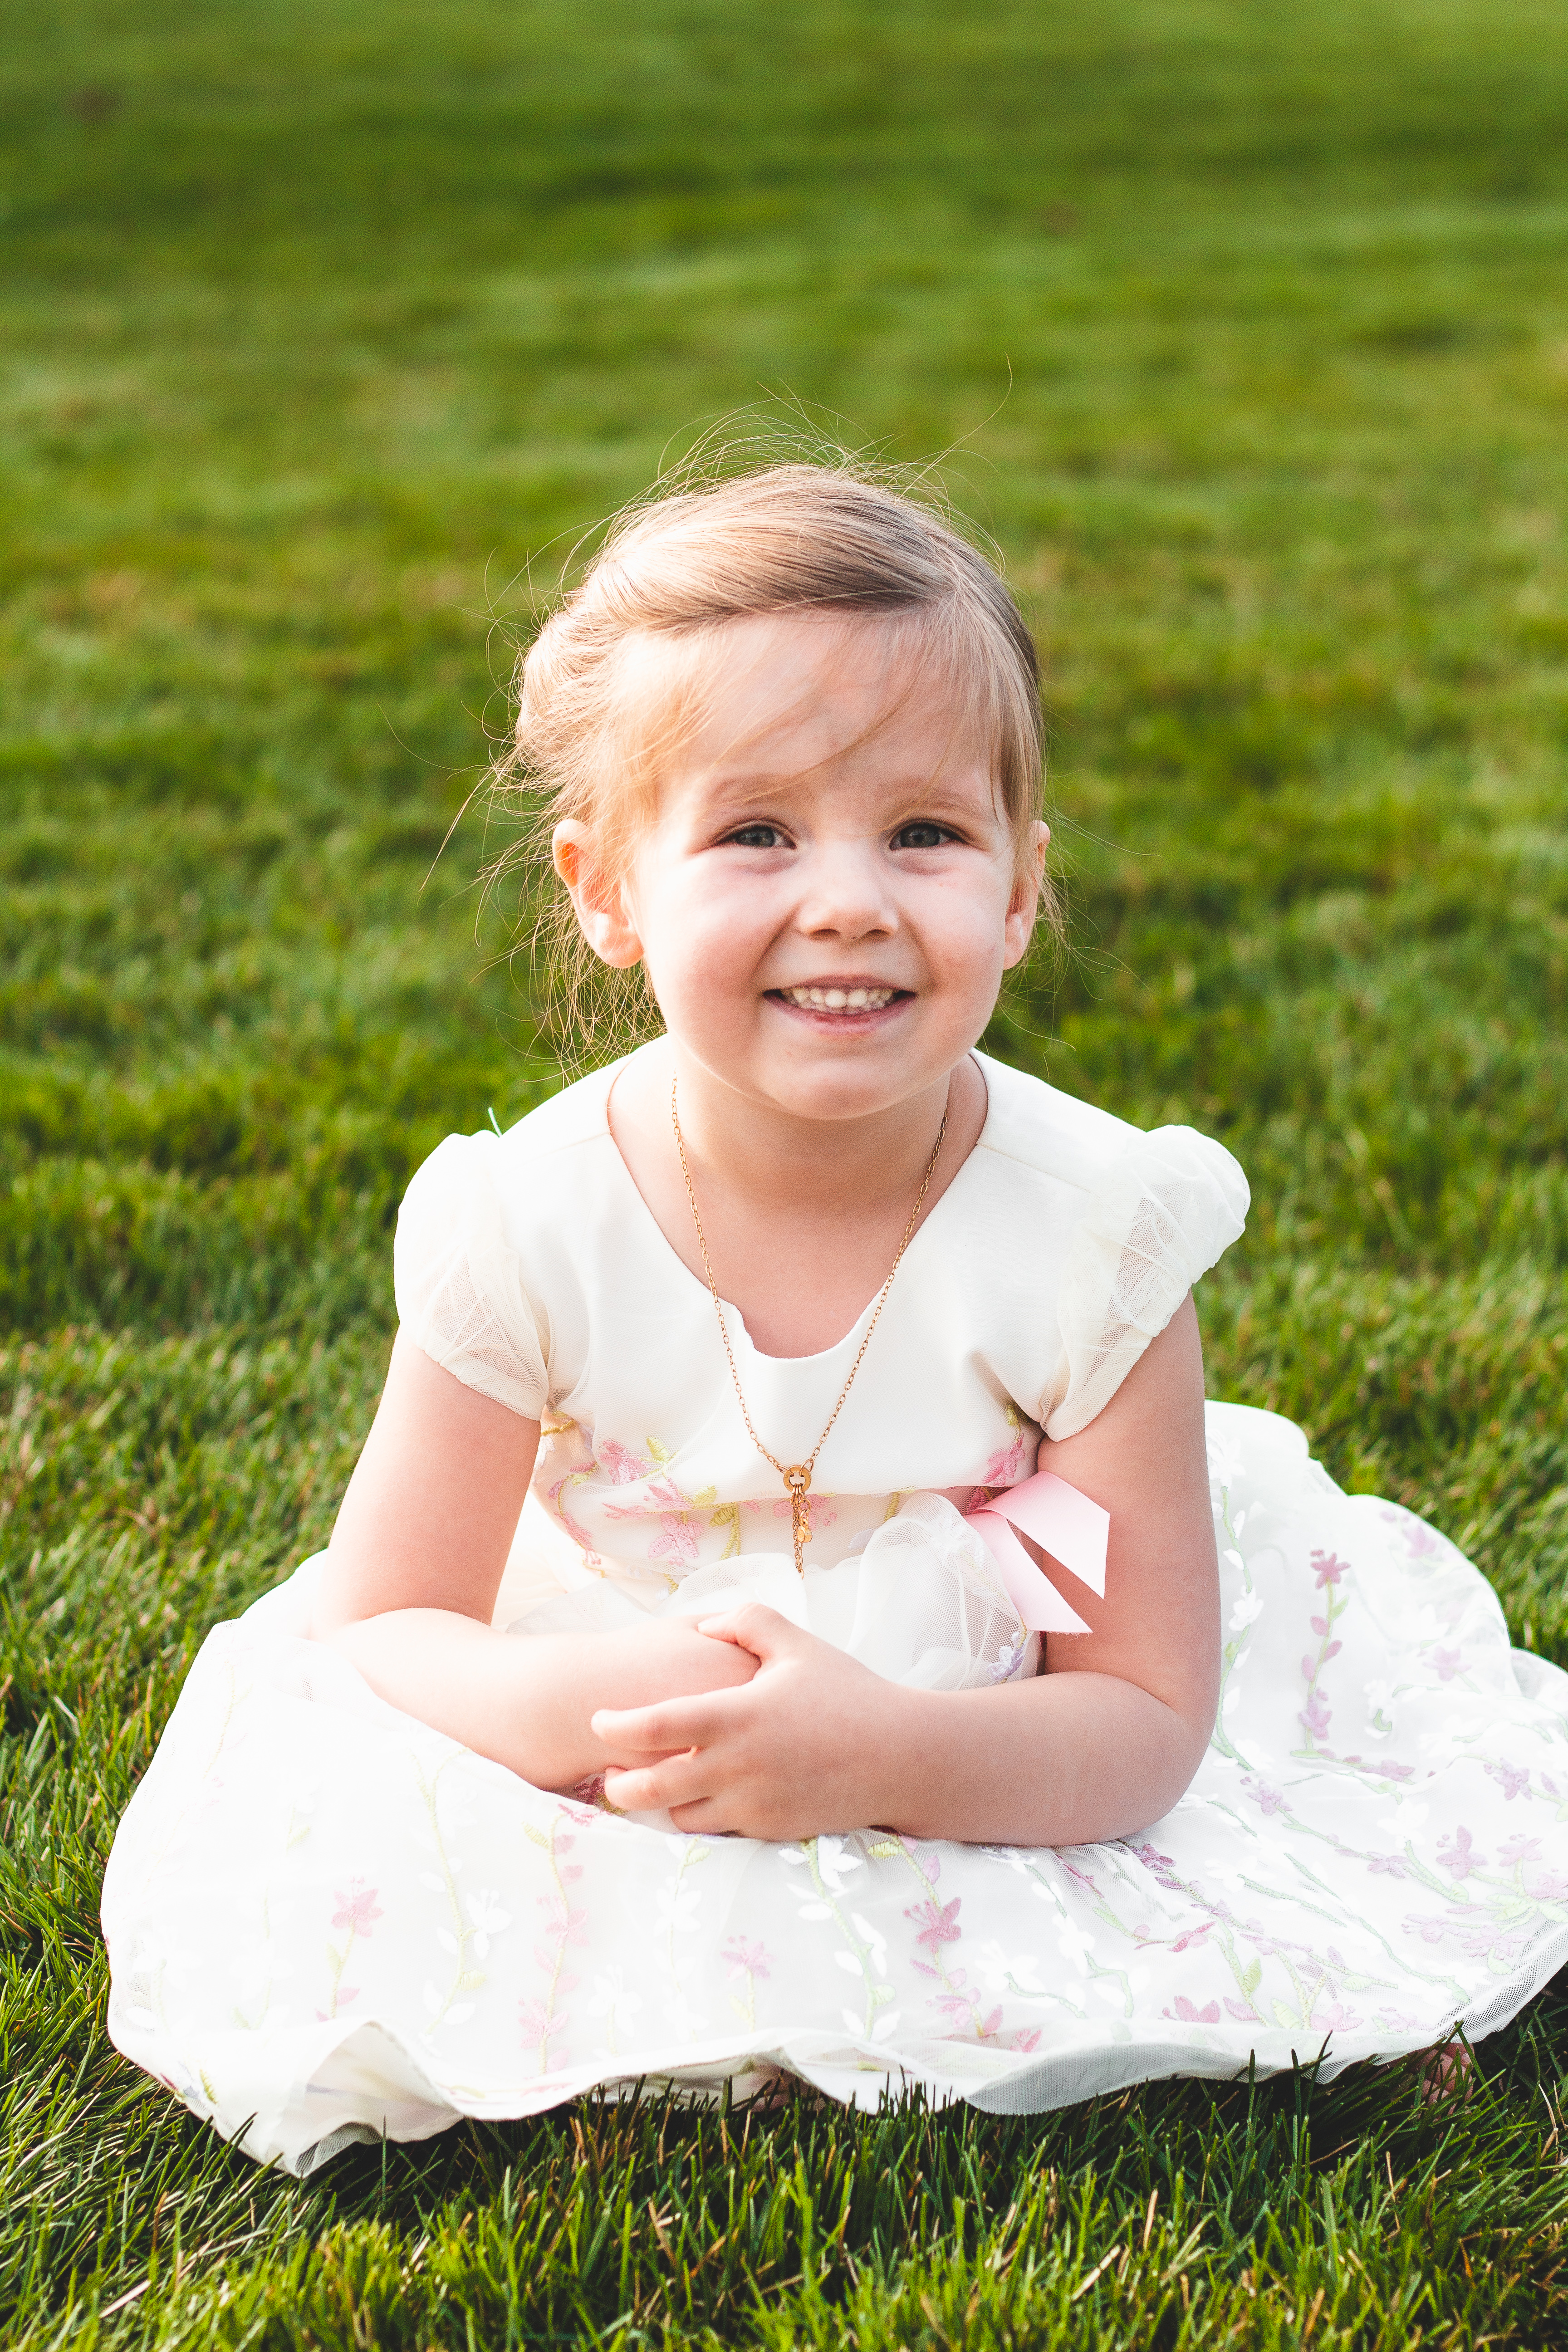 Easter Dresses for Kids